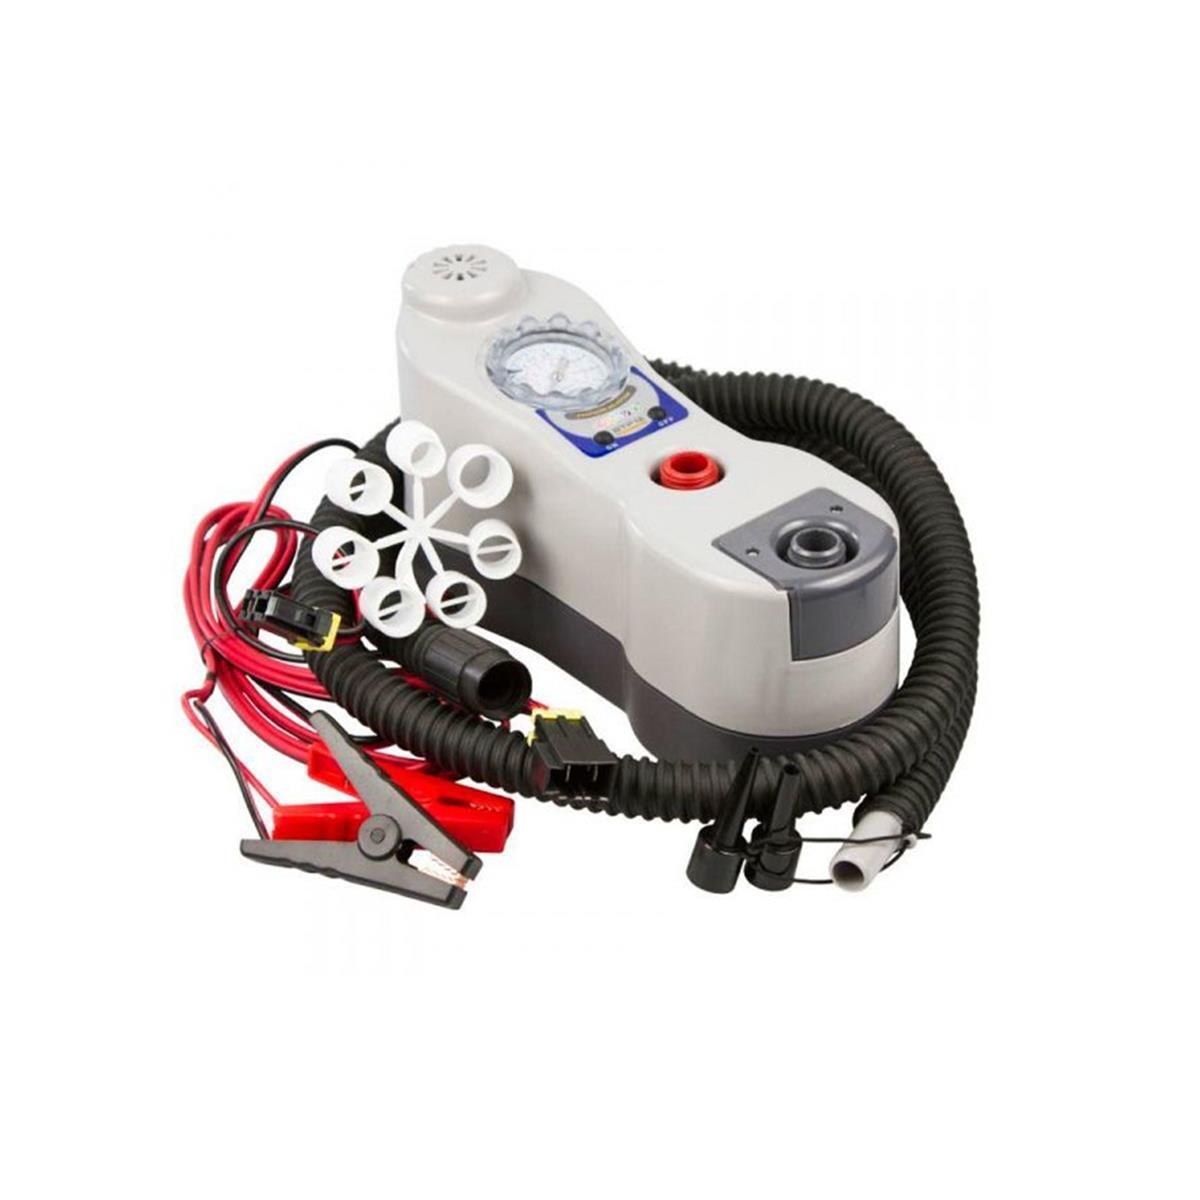 pompe-electrique-bravo-btp-12-manometre-6791130